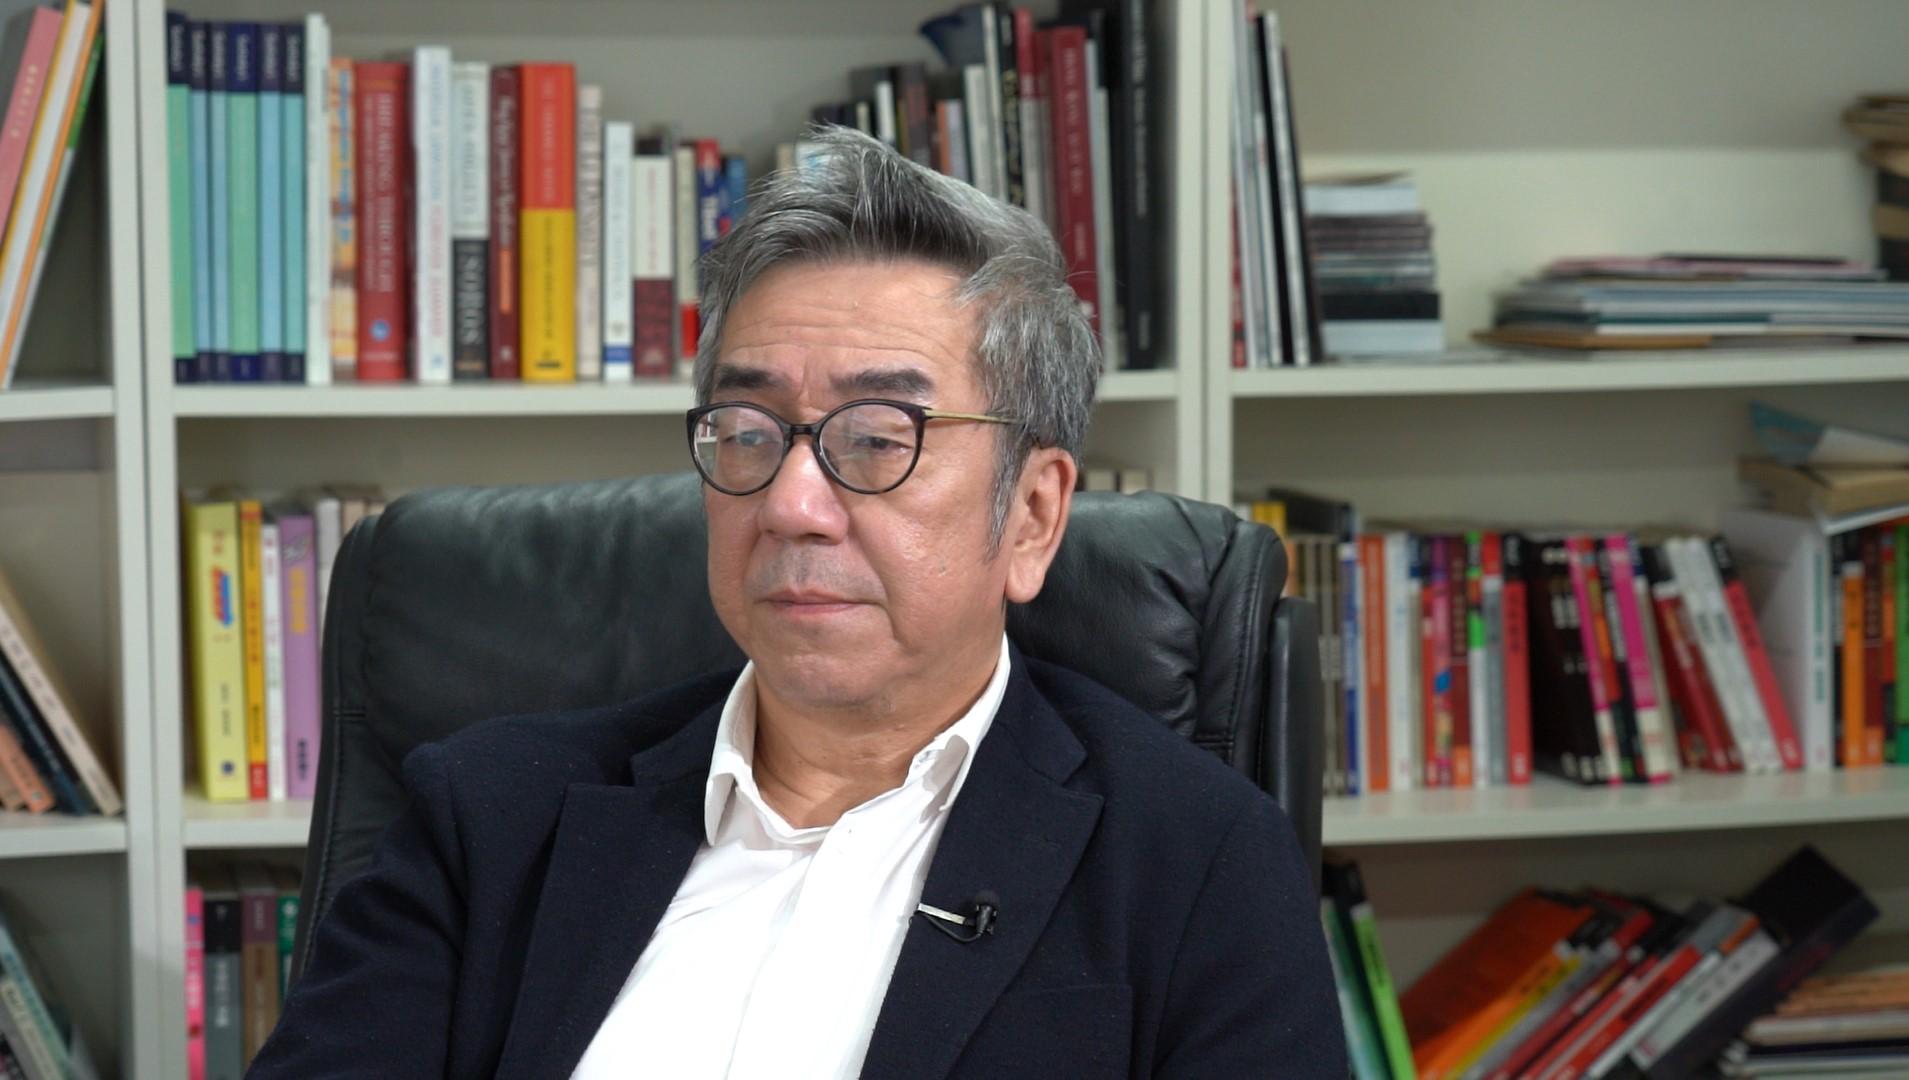 香港资深时事评论员陶杰指出,中央政府的「每一步棋」,就是取消「一国两制」。(邓颖韬 摄)